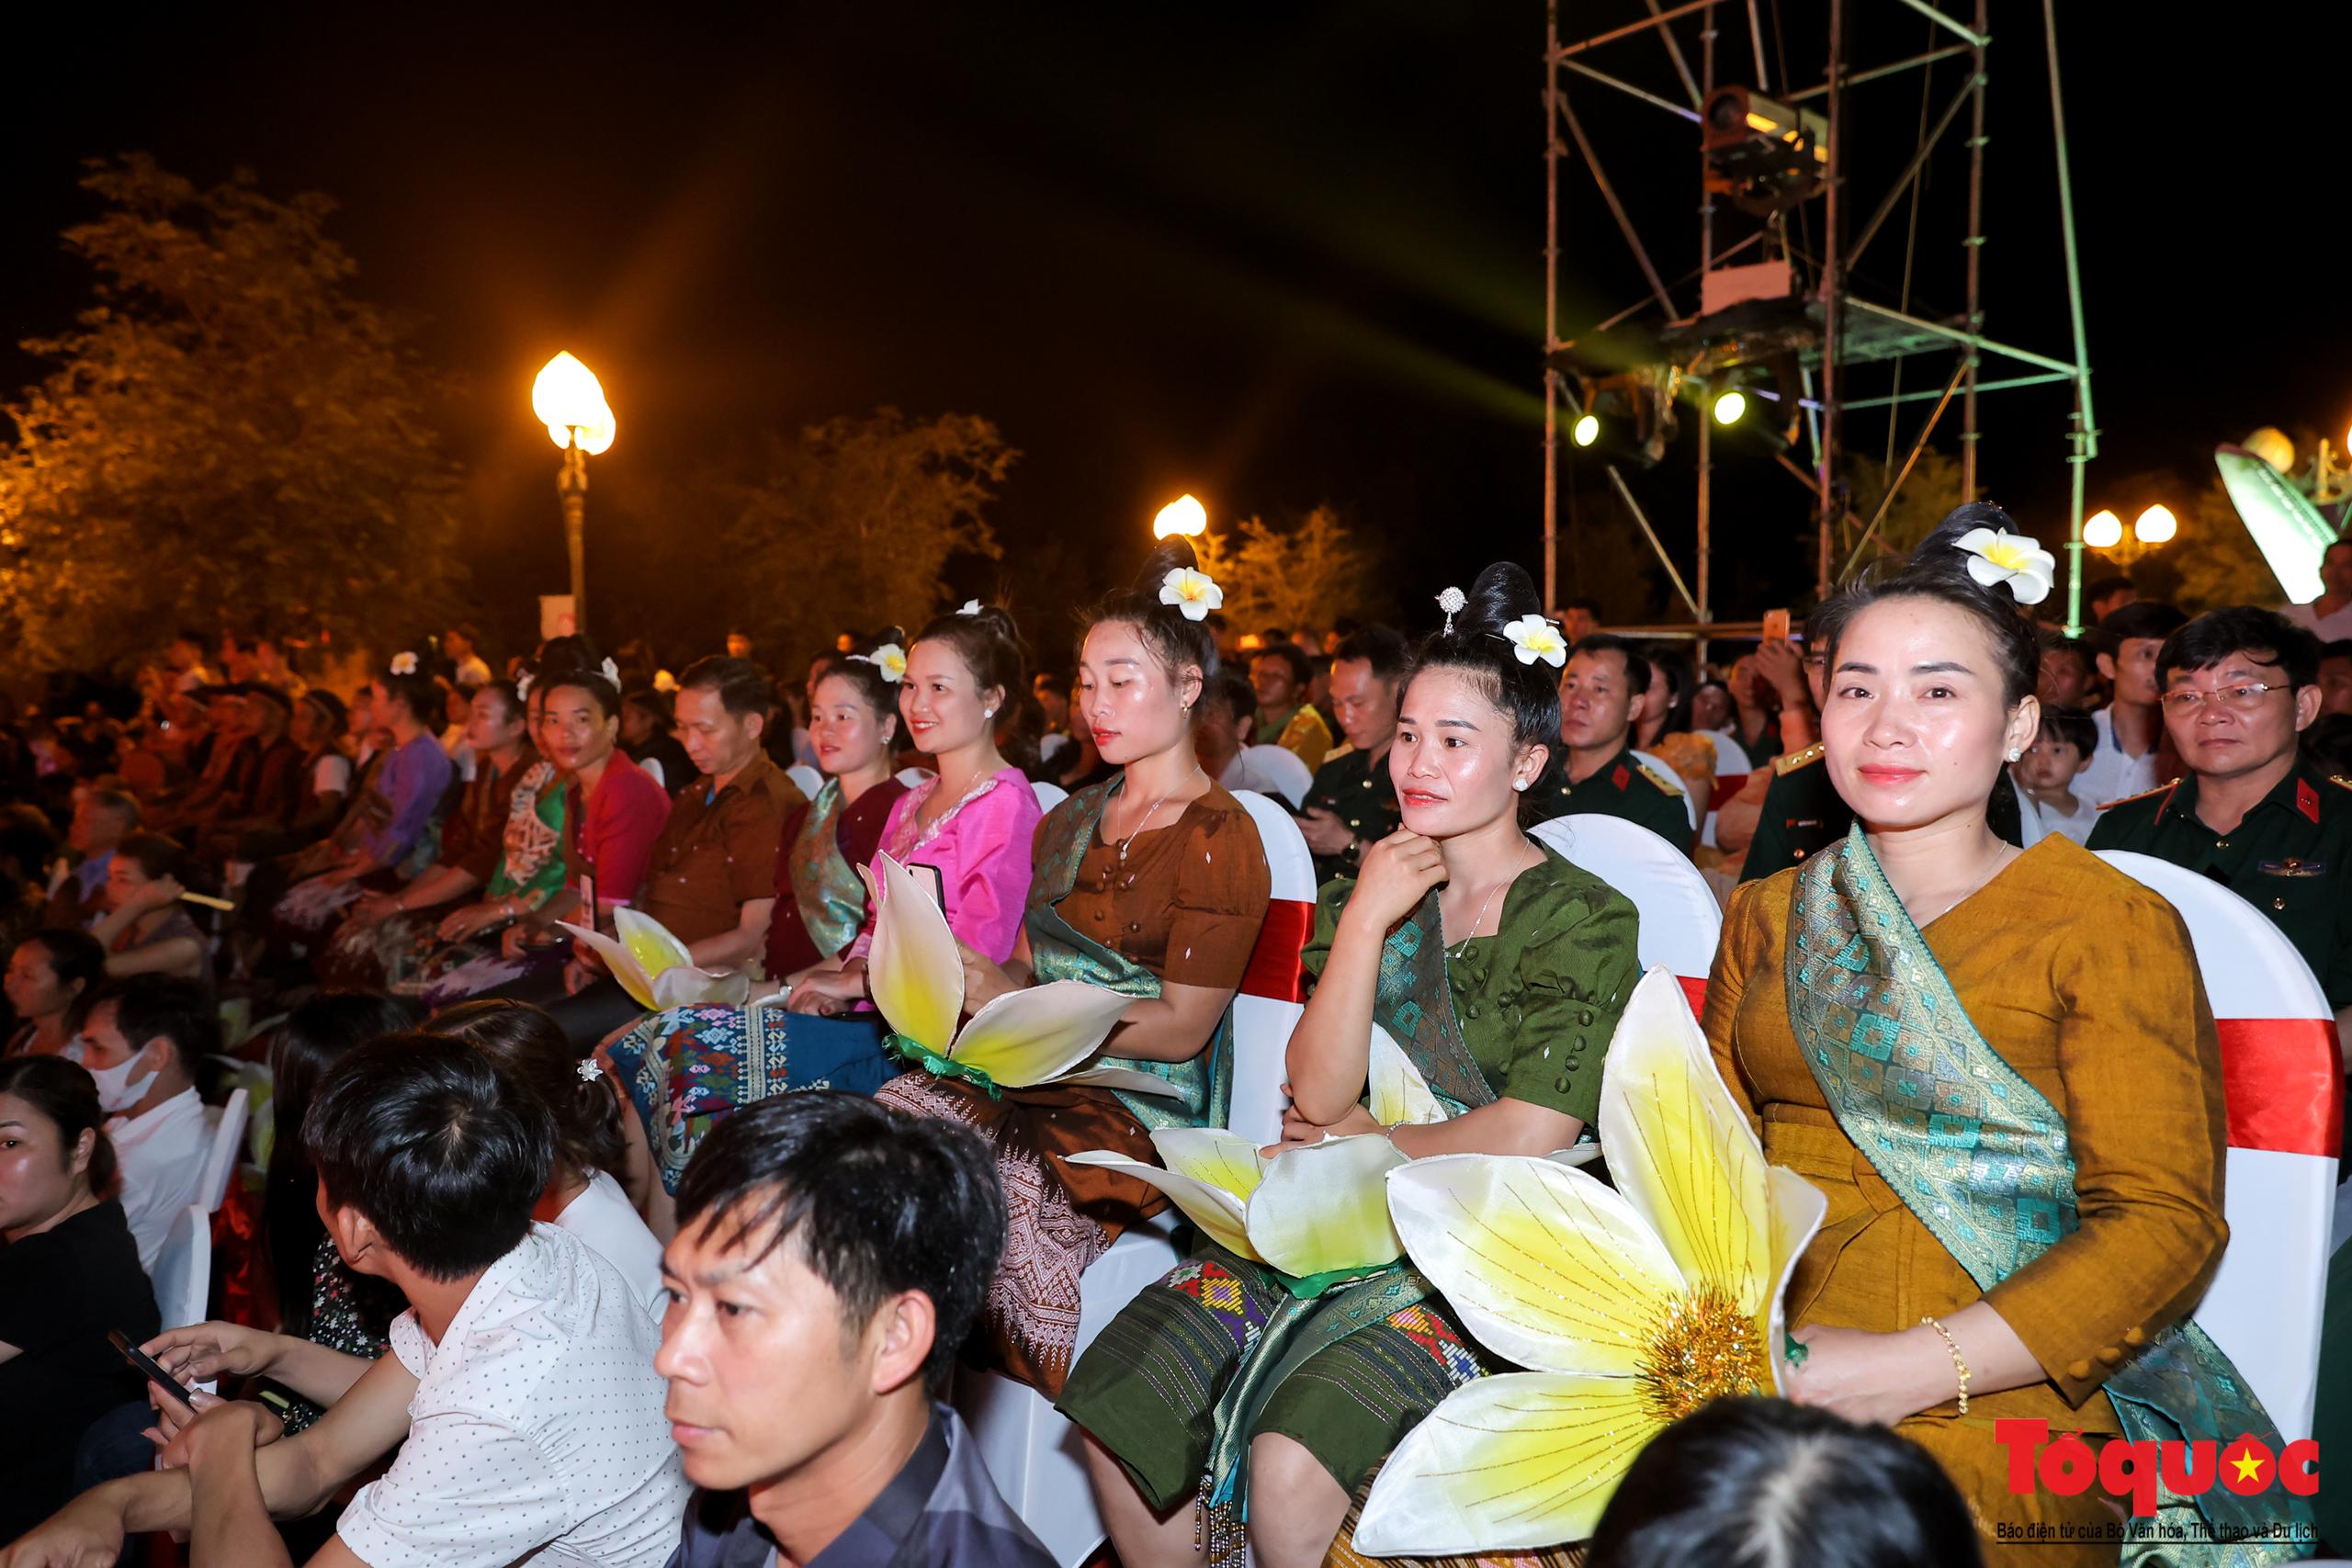 """(Chùm ảnh) Chương trình nghệ thuật đặc sắc """"Văn hoá các dân tộc – Hội tụ và phát triển"""" chào mừng Ngày Văn hoá các dân tộc Việt Nam 2021 - Ảnh 3."""